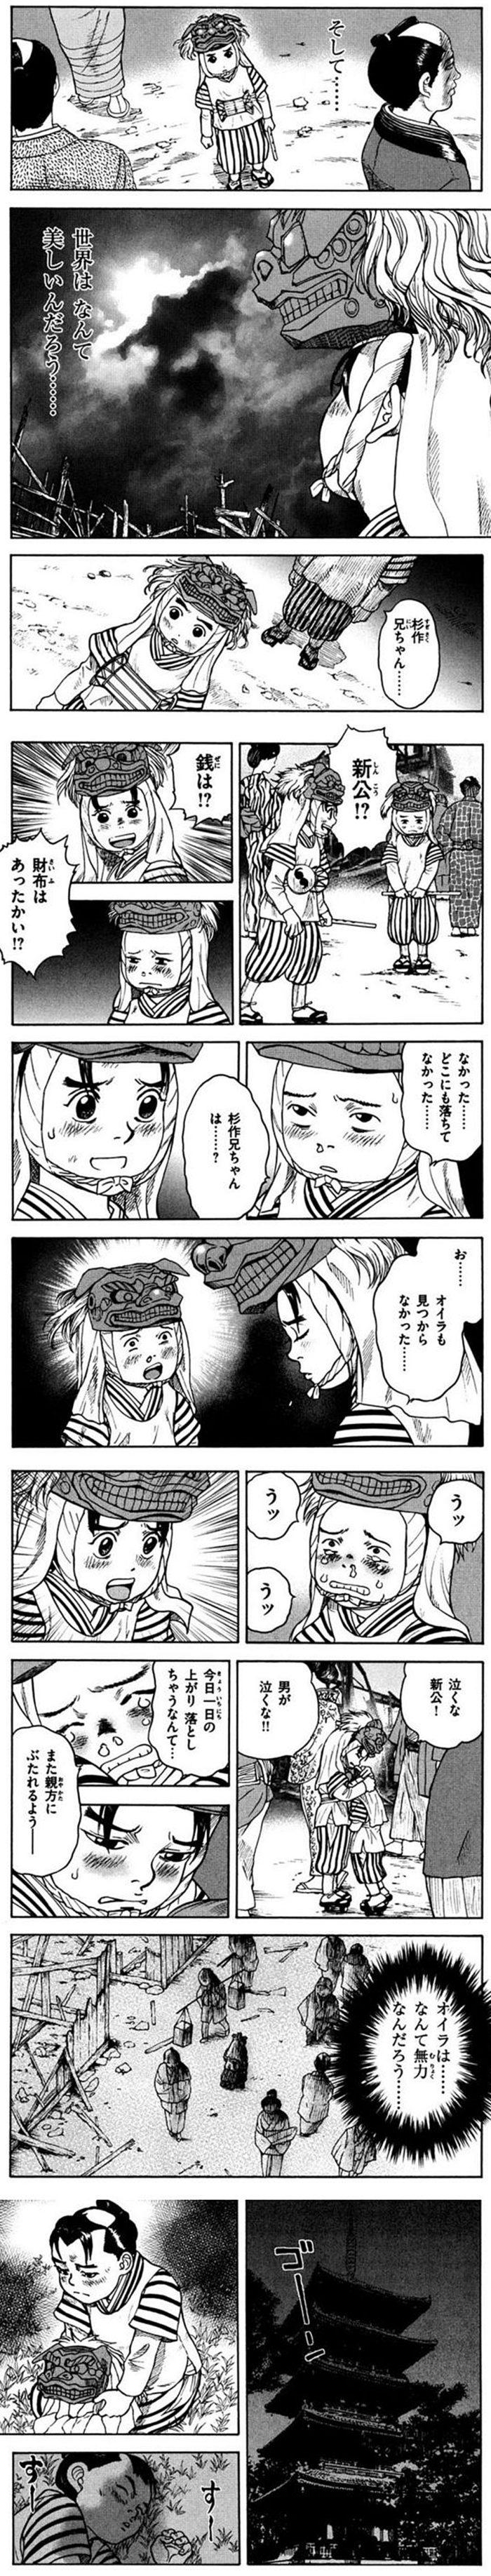 kurama-01-02